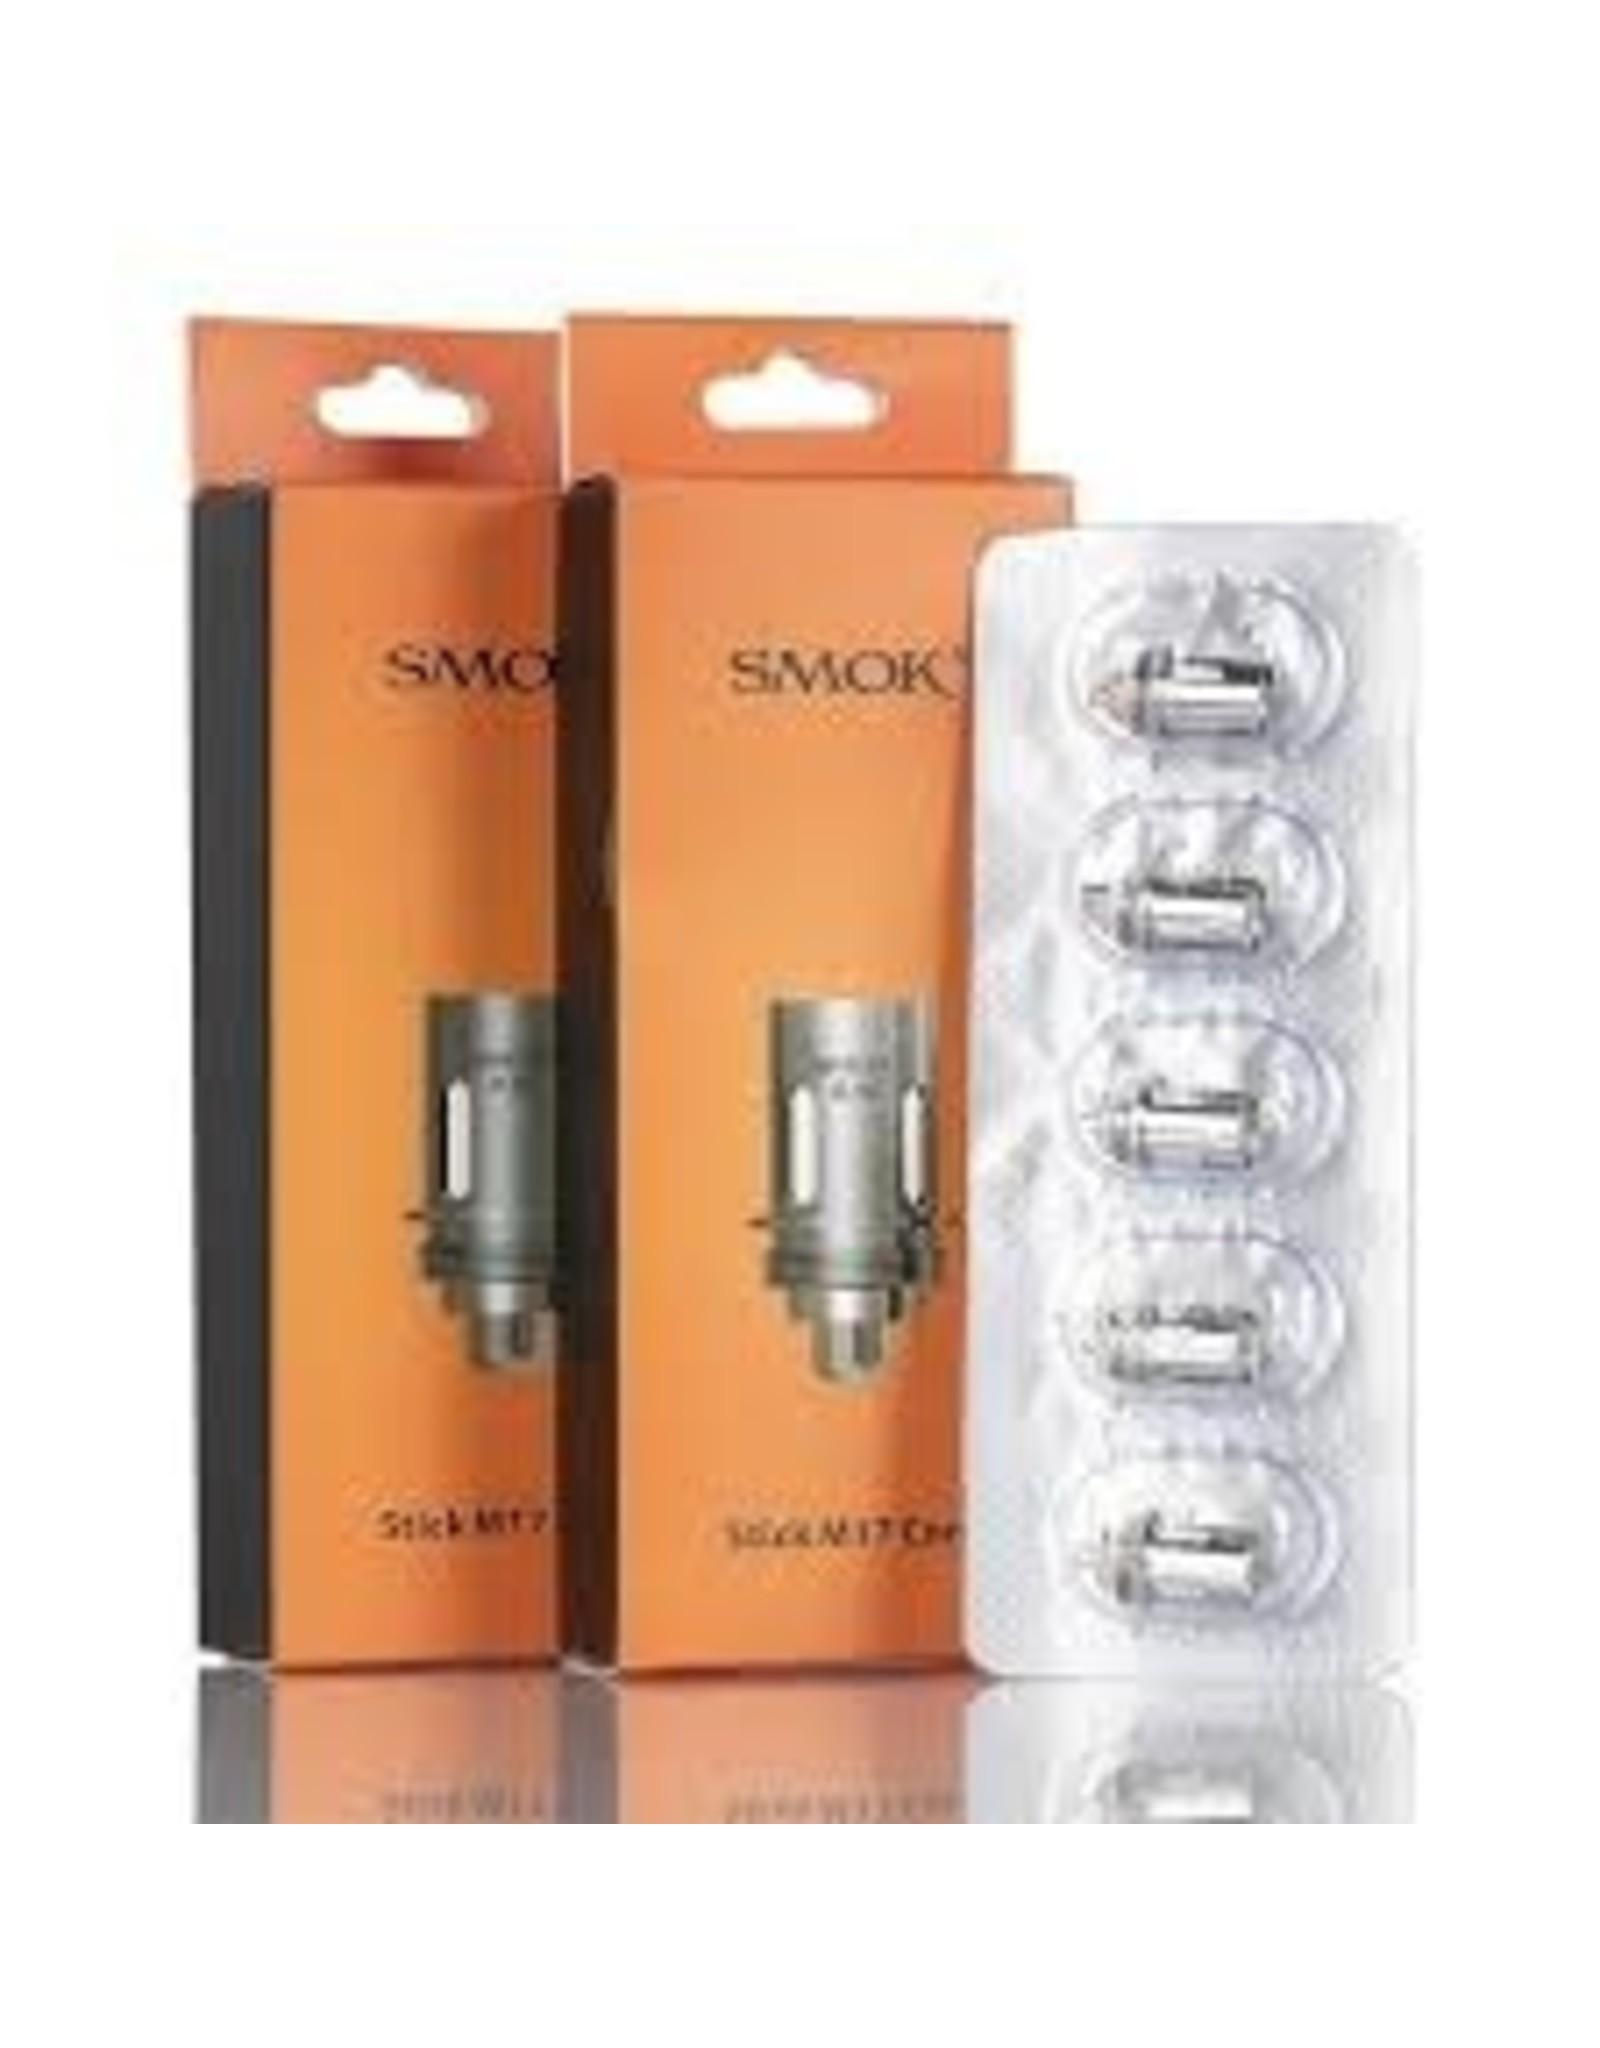 Smok SMOK M17 Coil